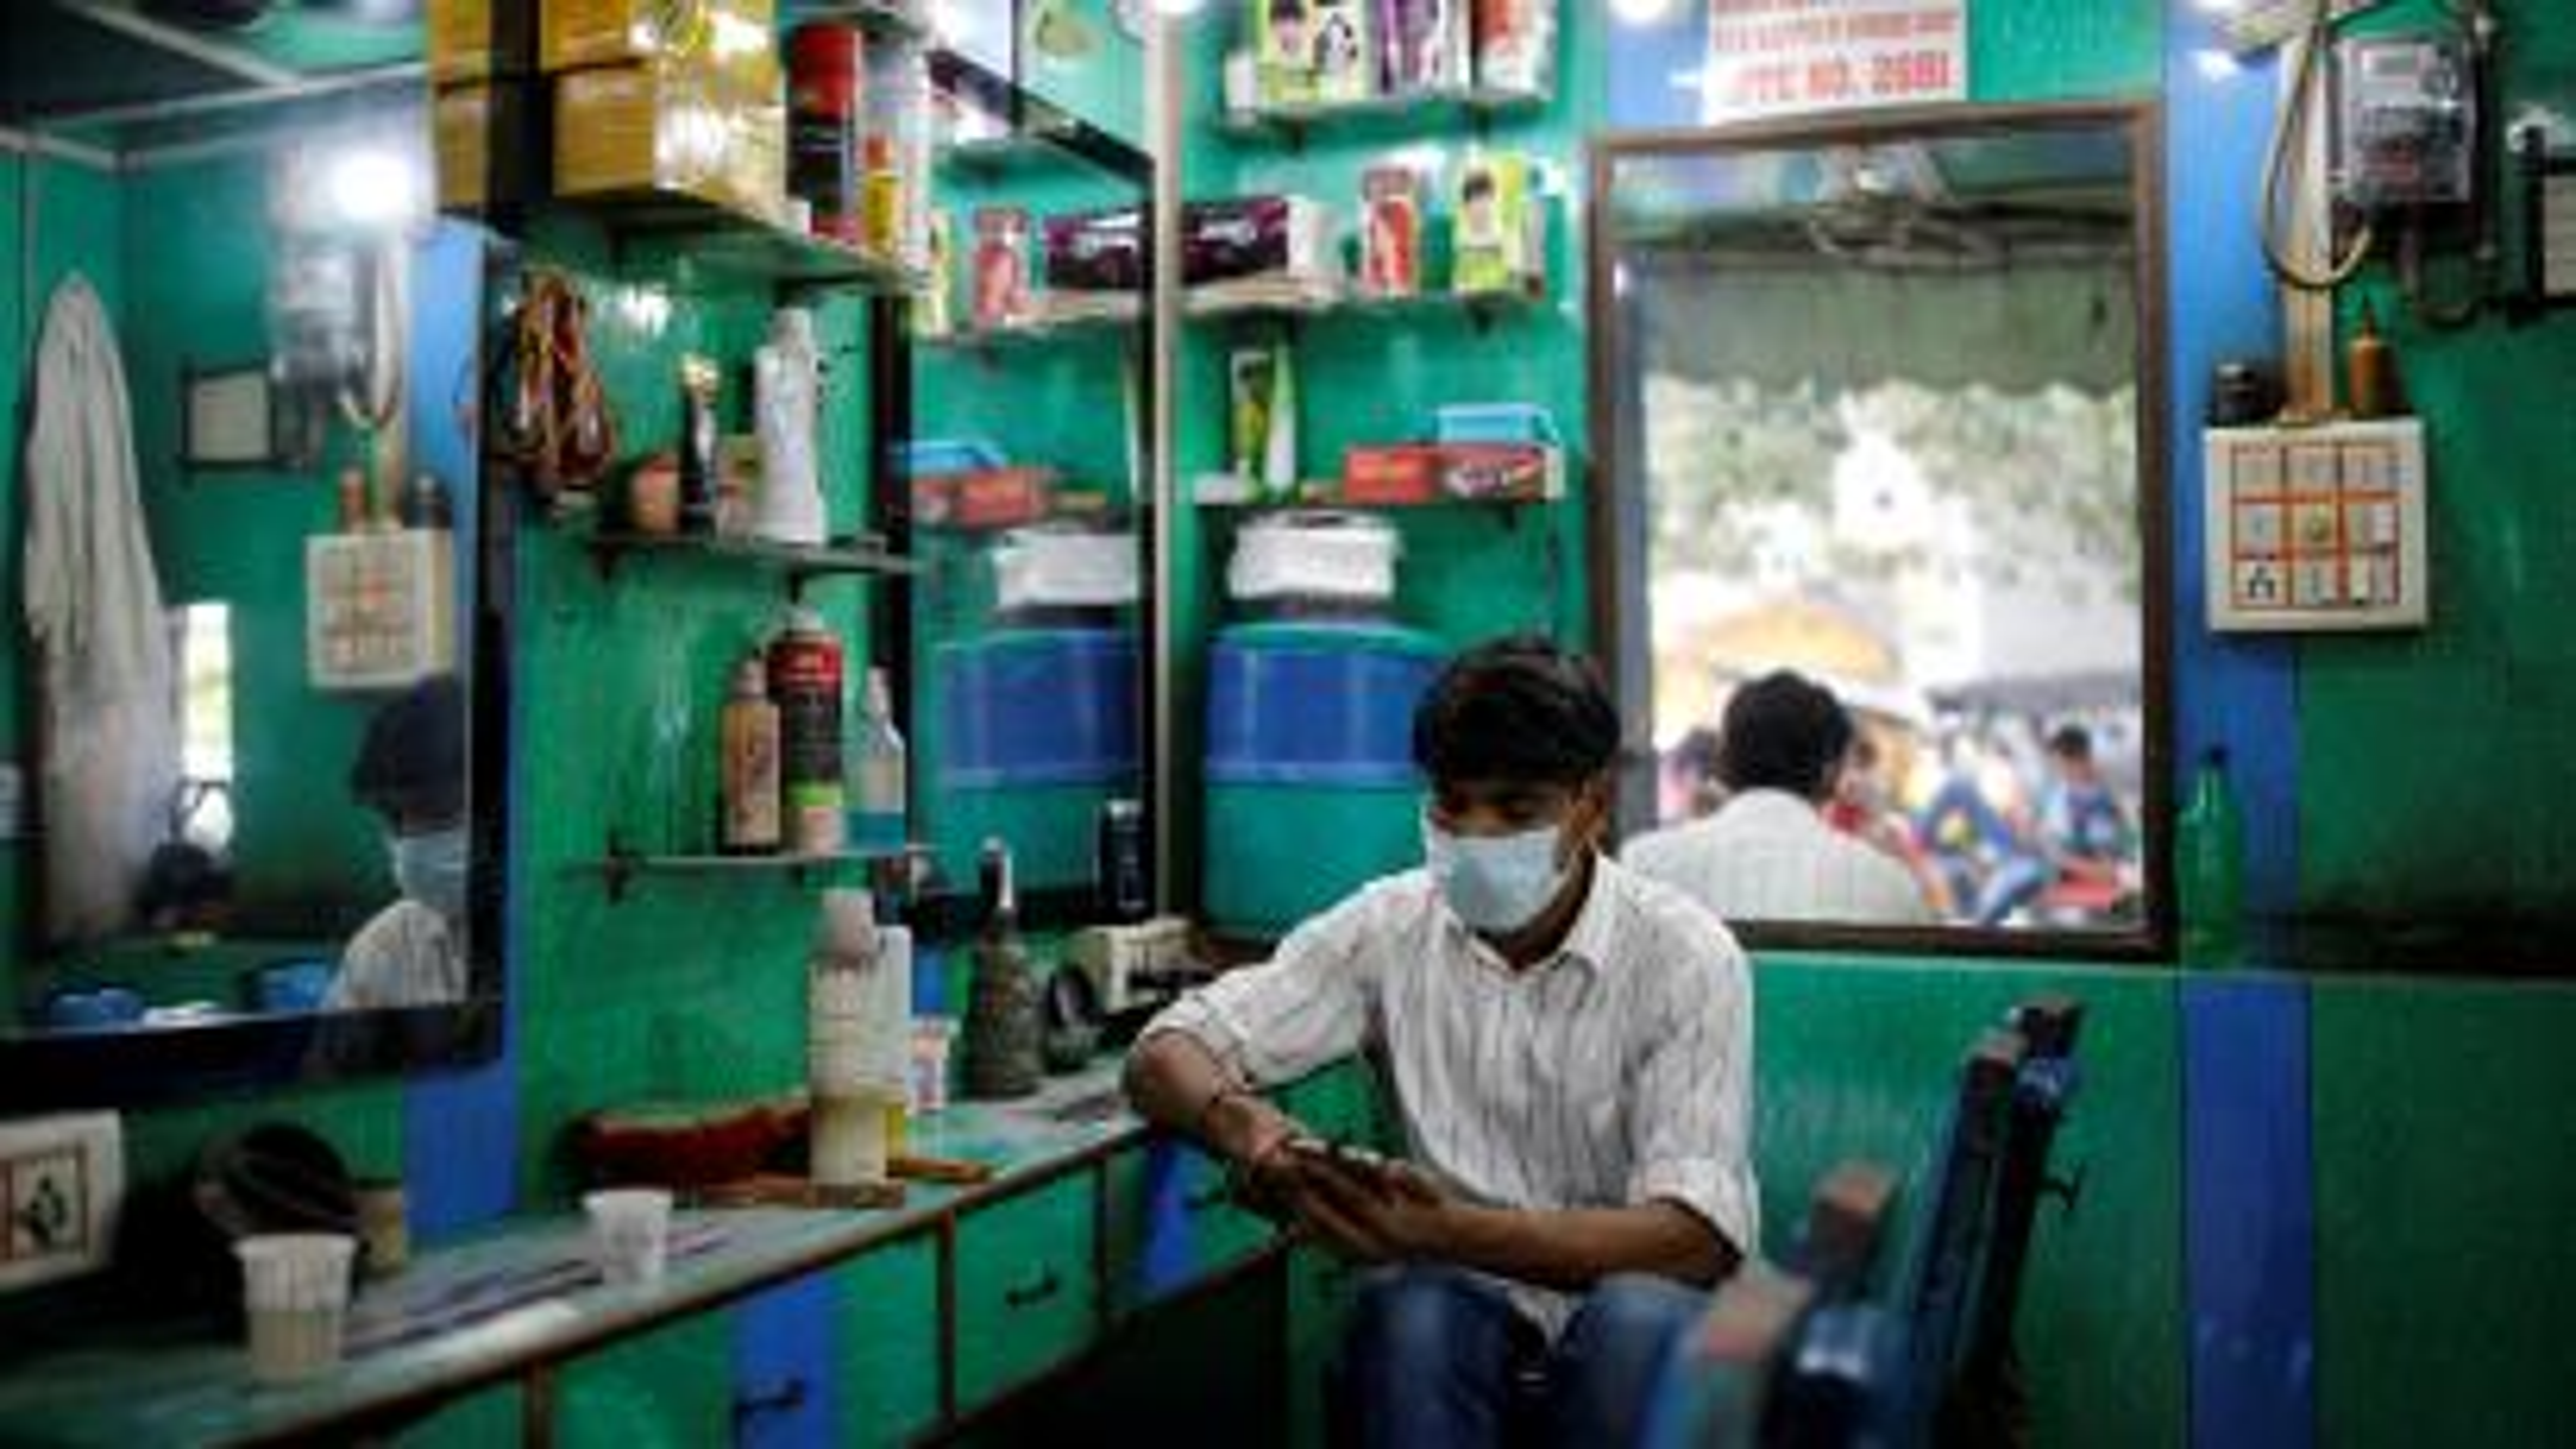 The spread of coronavirus disease (COVID-19) in Delhi